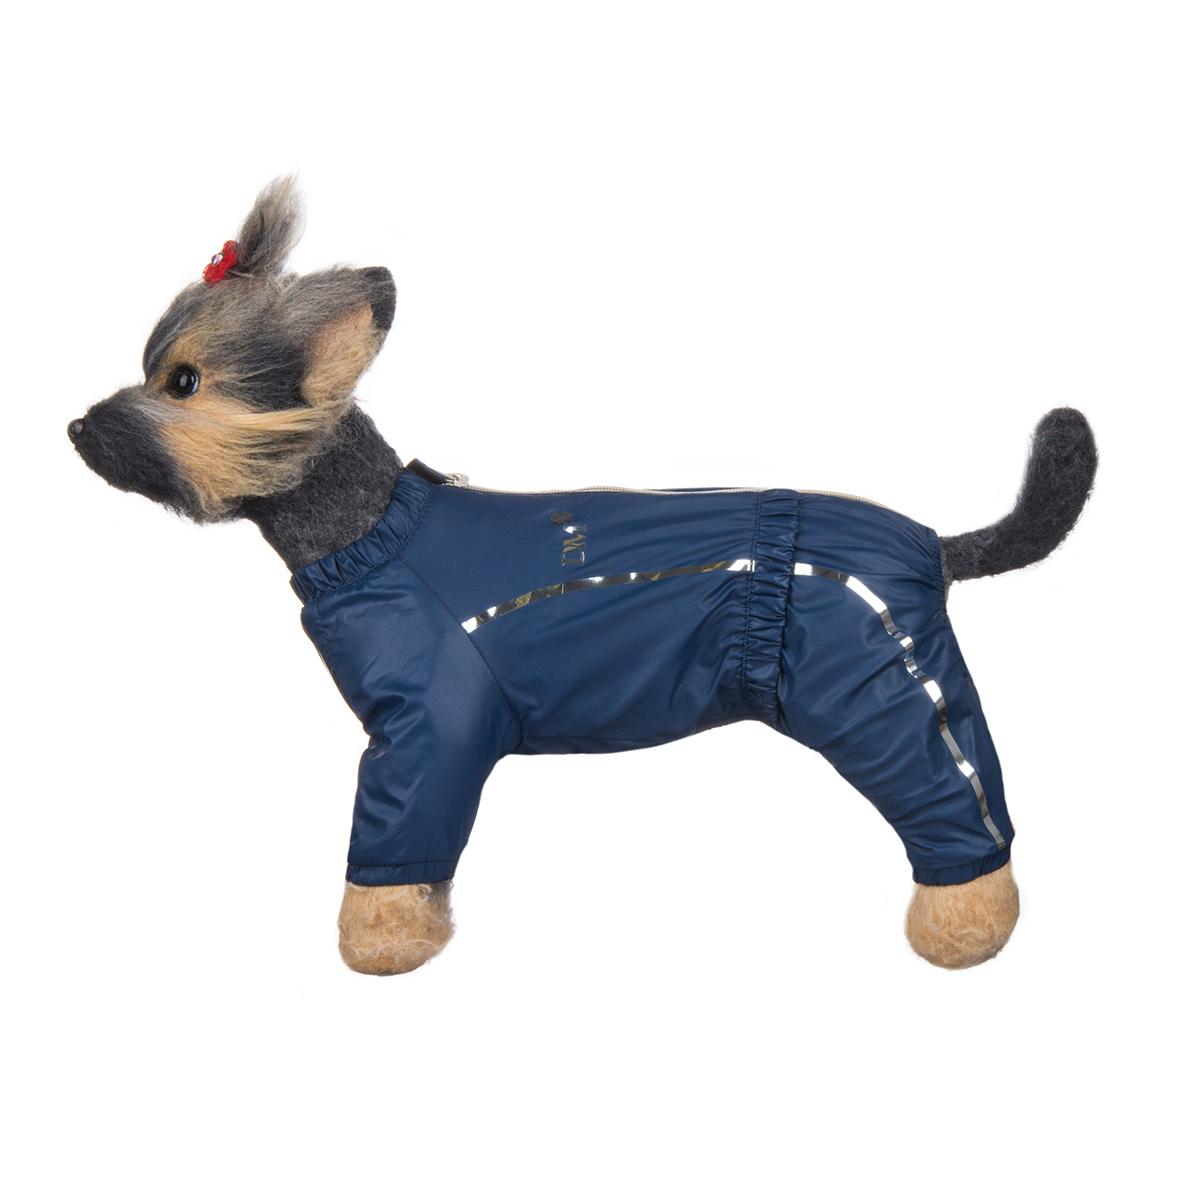 Комбинезон для собак Dogmoda Альпы, для мальчика, цвет: темно-синий. Размер 1 (S)DM-150328-1Комбинезон для собак Dogmoda Альпы отлично подойдет для прогулок поздней осенью или ранней весной.Комбинезон изготовлен из полиэстера, защищающего от ветра и осадков, с подкладкой из флиса, которая сохранит тепло и обеспечит отличный воздухообмен. Комбинезон застегивается на молнию и липучку, благодаря чему его легко надевать и снимать. Ворот, низ рукавов и брючин оснащены внутренними резинками, которые мягко обхватывают шею и лапки, не позволяя просачиваться холодному воздуху. На пояснице имеется внутренняя резинка. Изделие декорировано серебристыми полосками и надписью DM.Благодаря такому комбинезону простуда не грозит вашему питомцу и он не даст любимцу продрогнуть на прогулке.